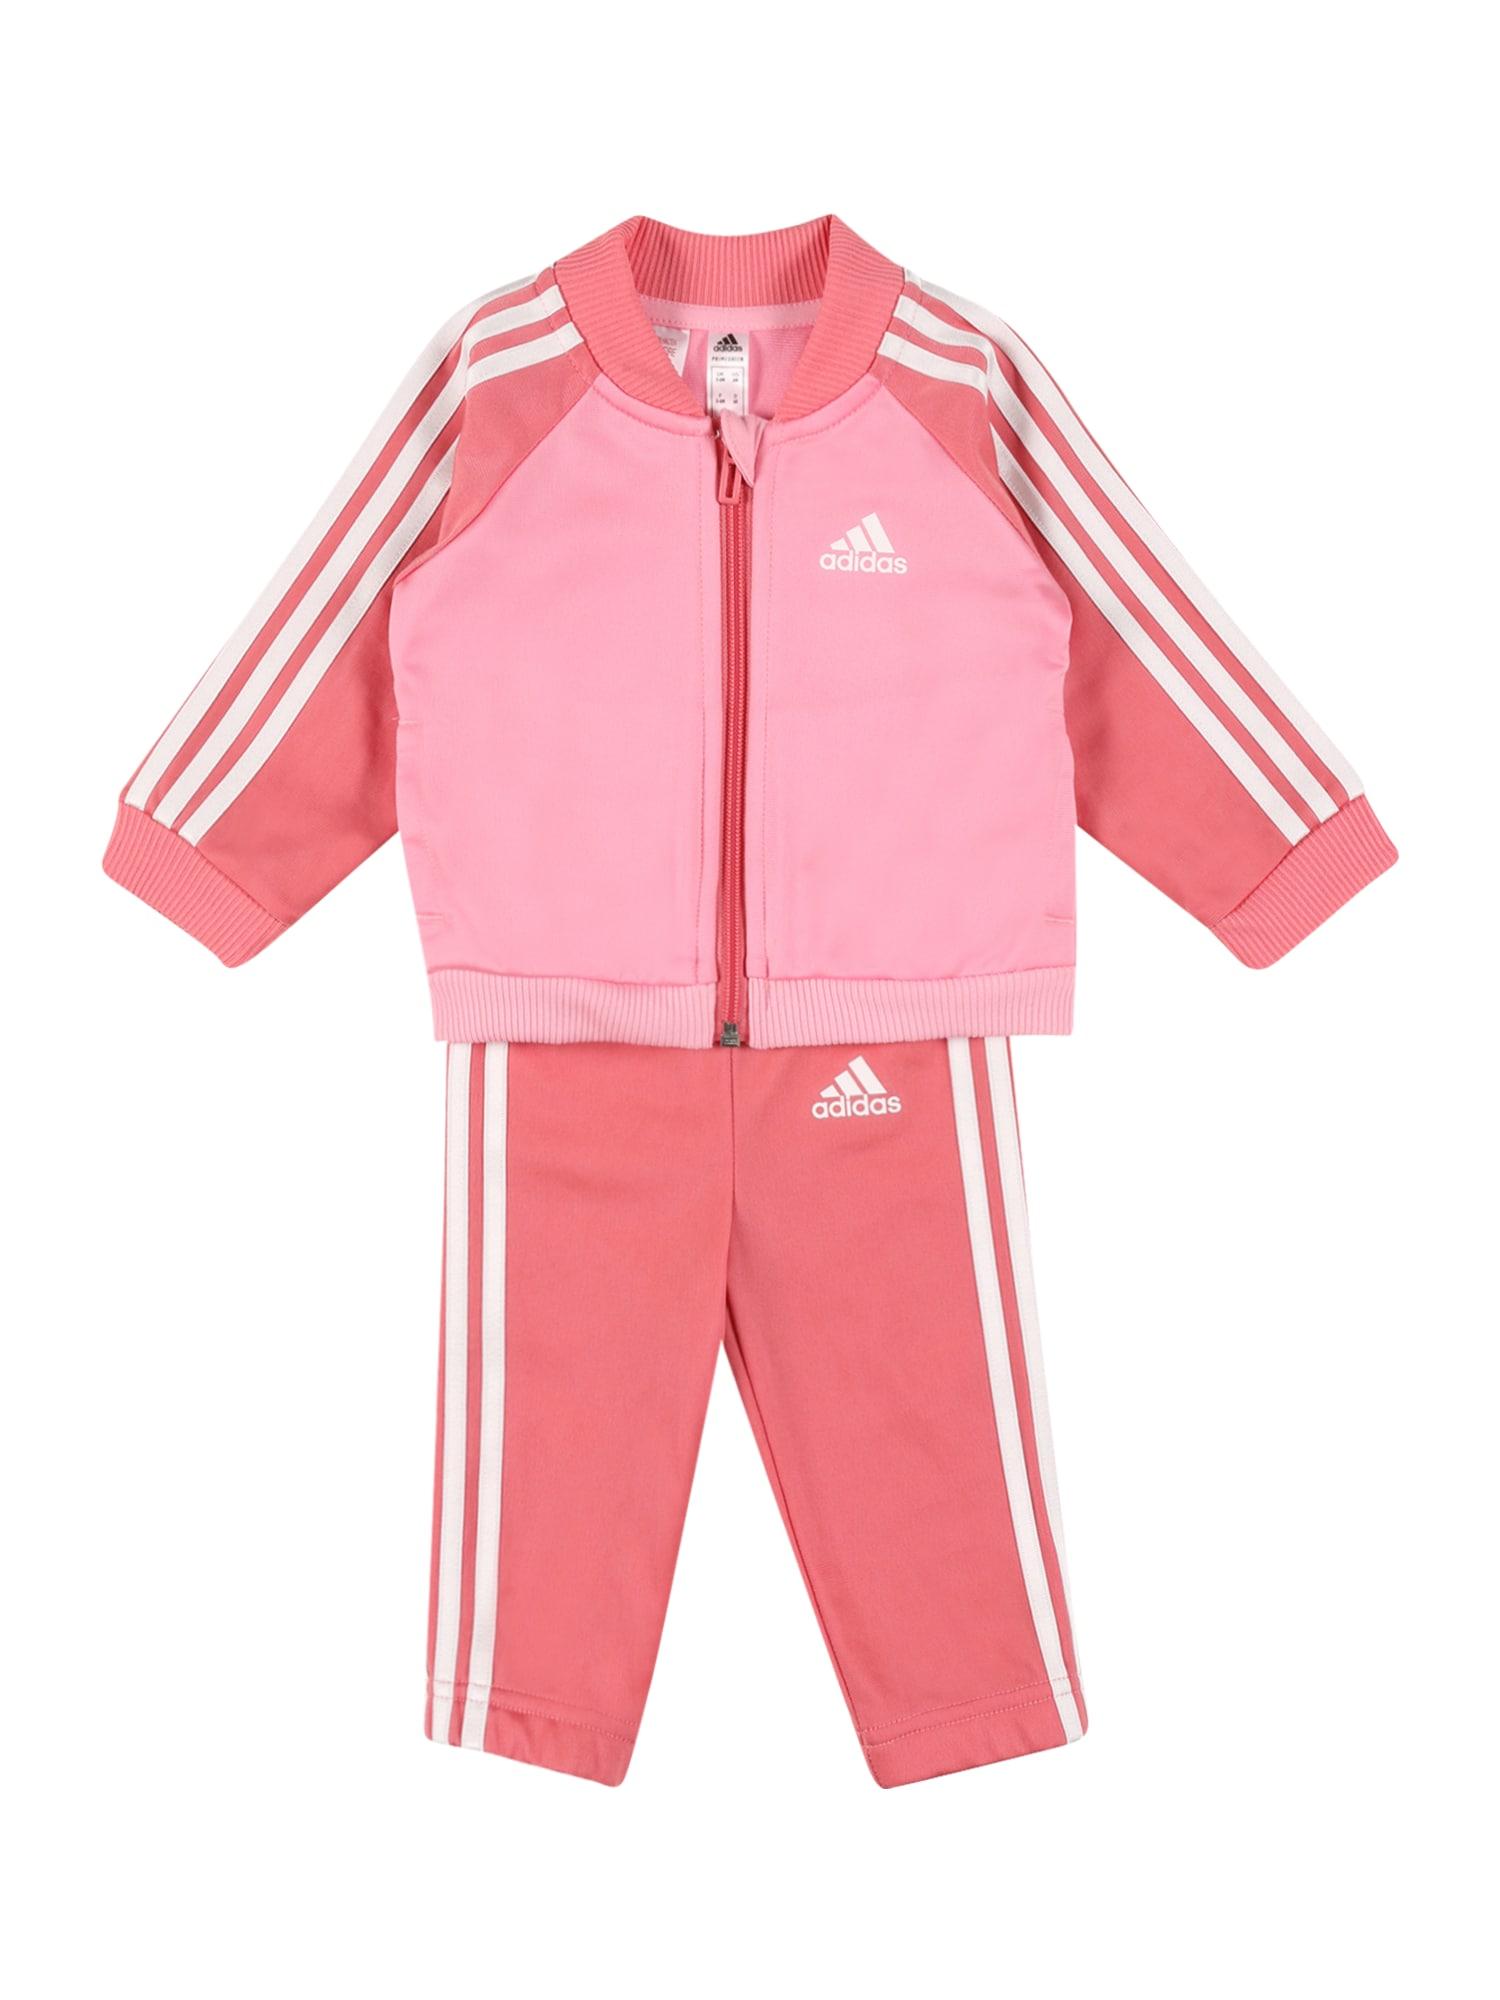 ADIDAS PERFORMANCE Treniruočių kostiumas rožinio aukso spalva / šviesiai rožinė